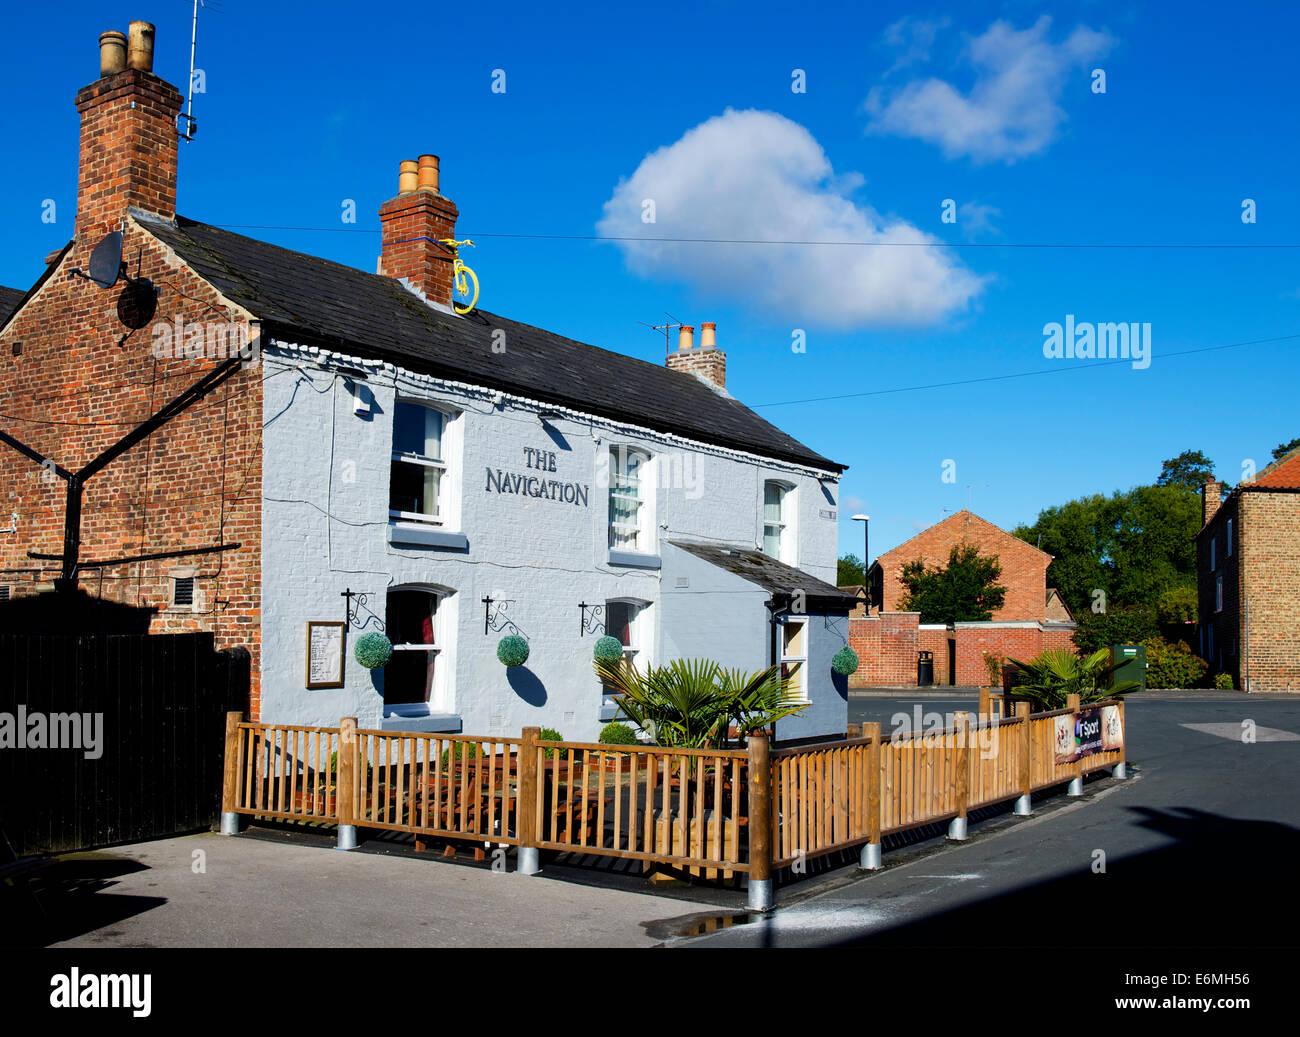 Il pub di navigazione a Ripon, North Yorkshire, Inghilterra, Regno Unito Immagini Stock